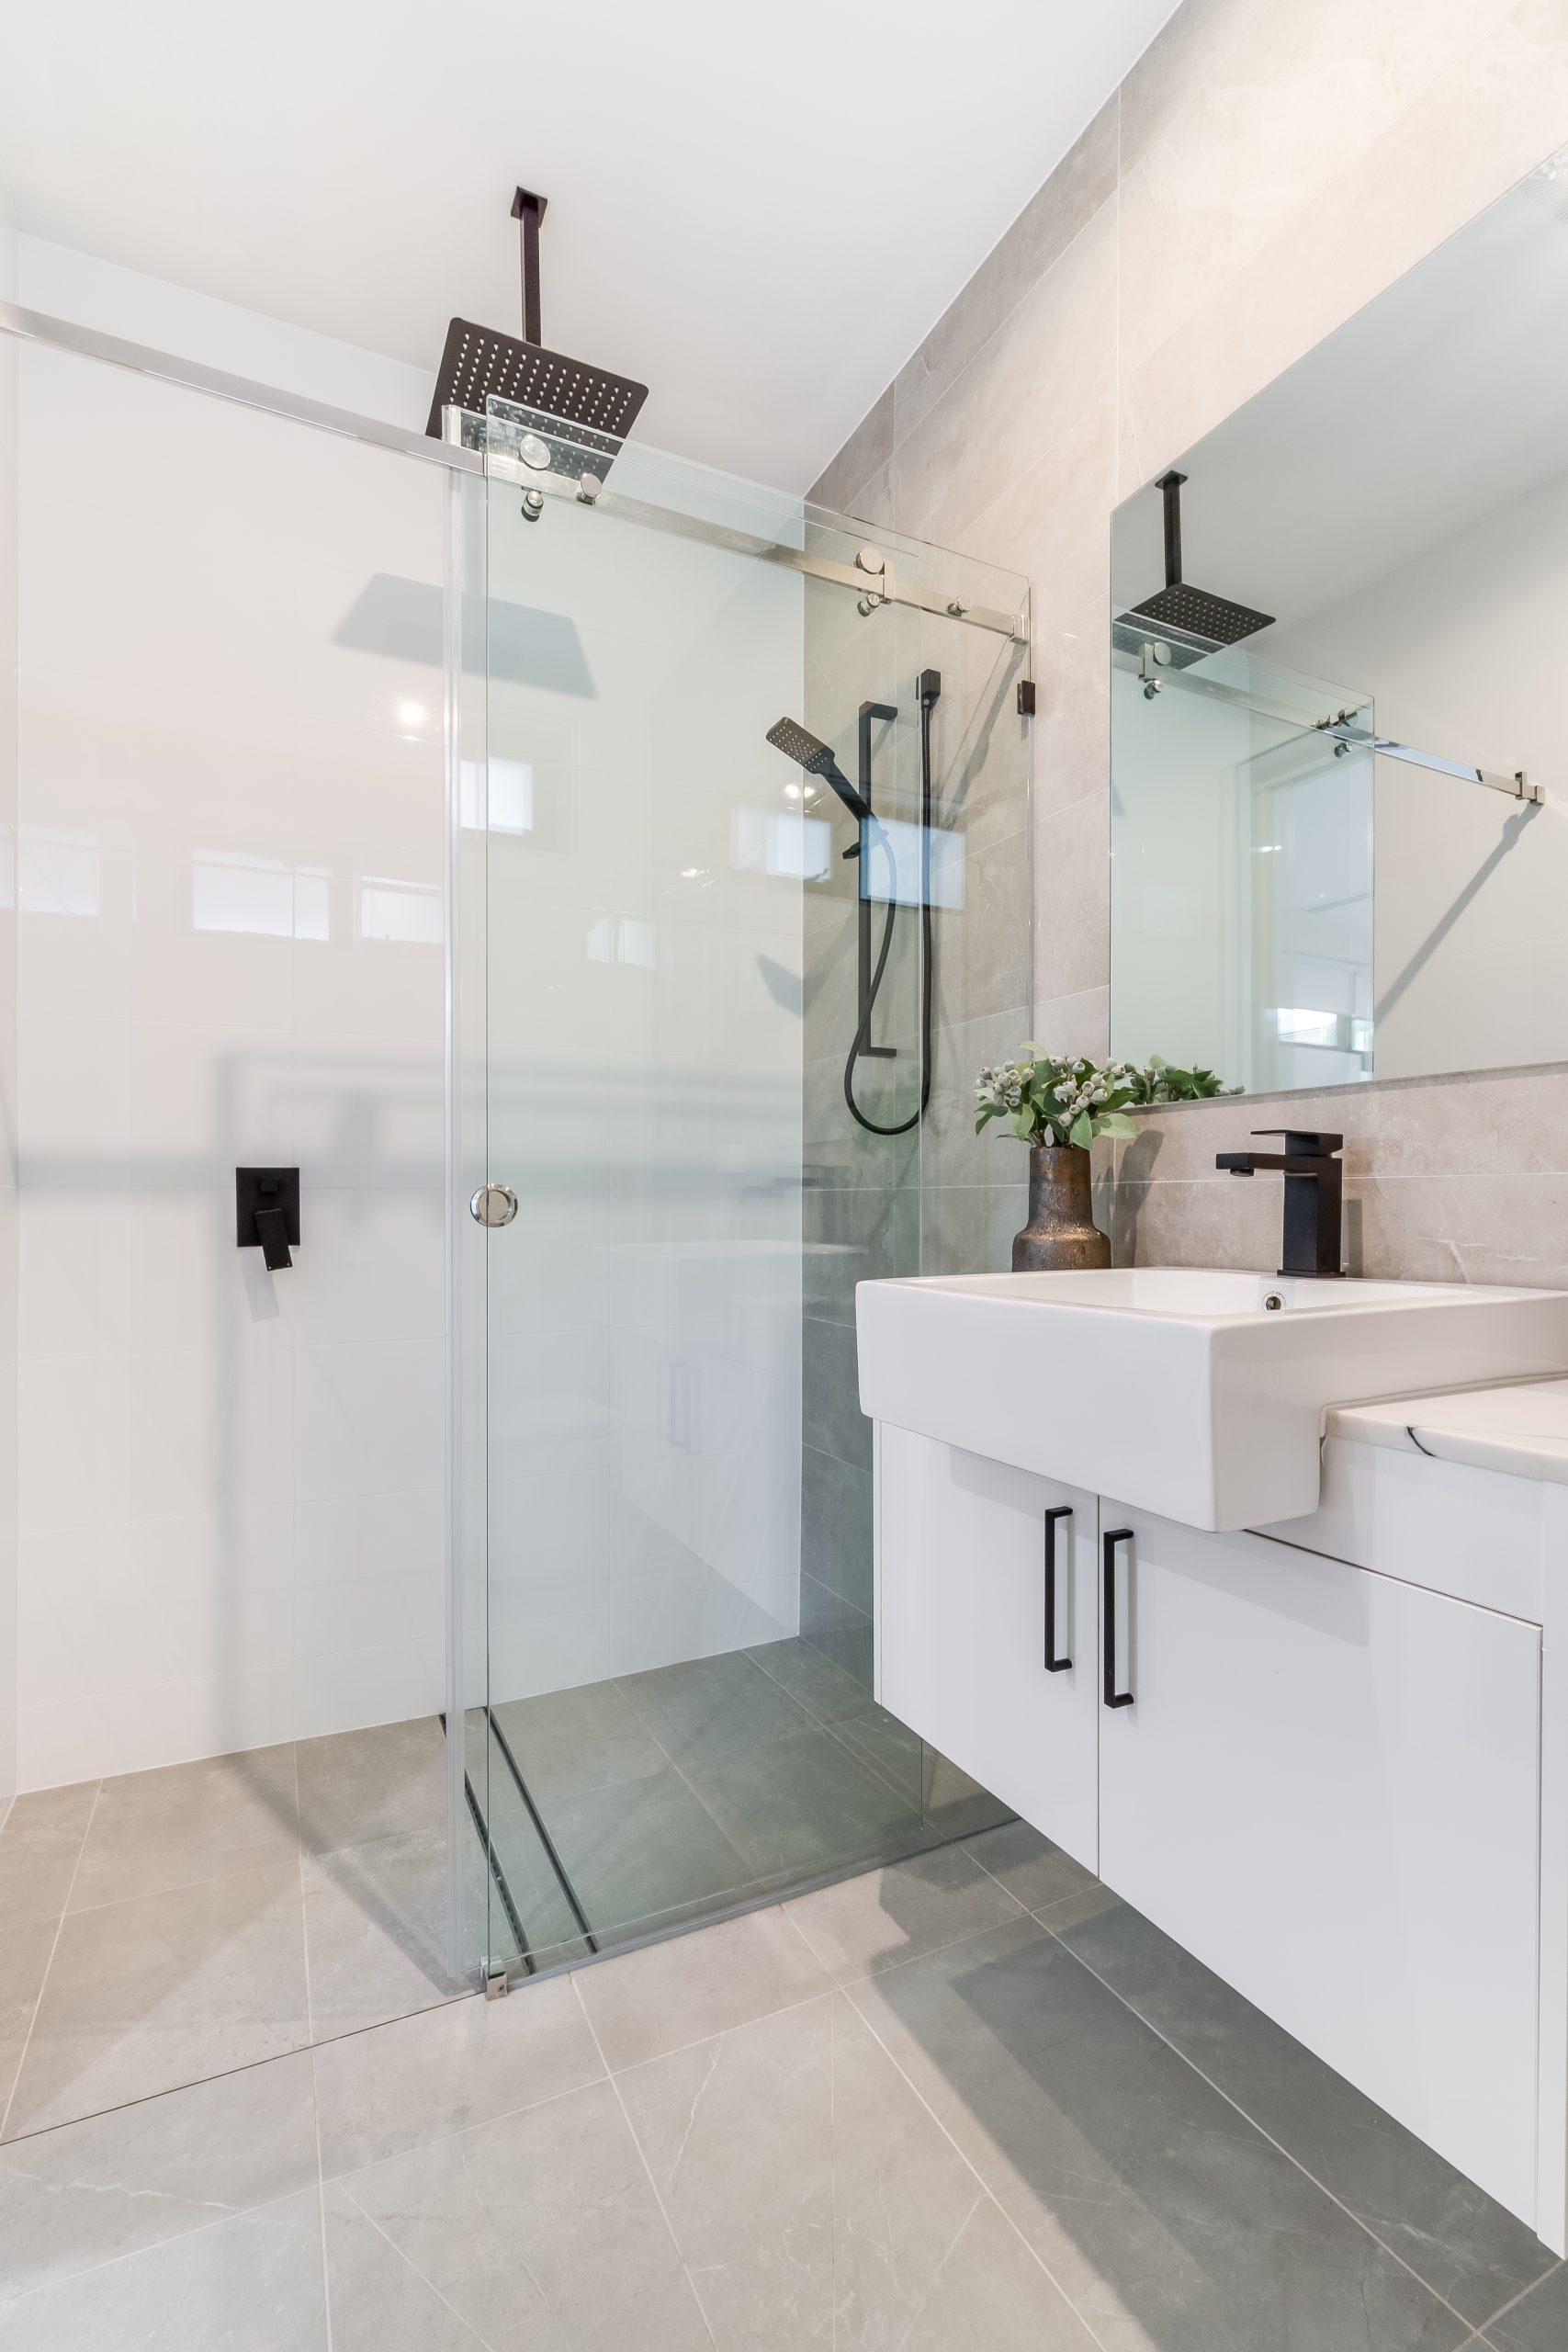 Kensington - Portrush - HBC Homes Adelaide - _DSC2864